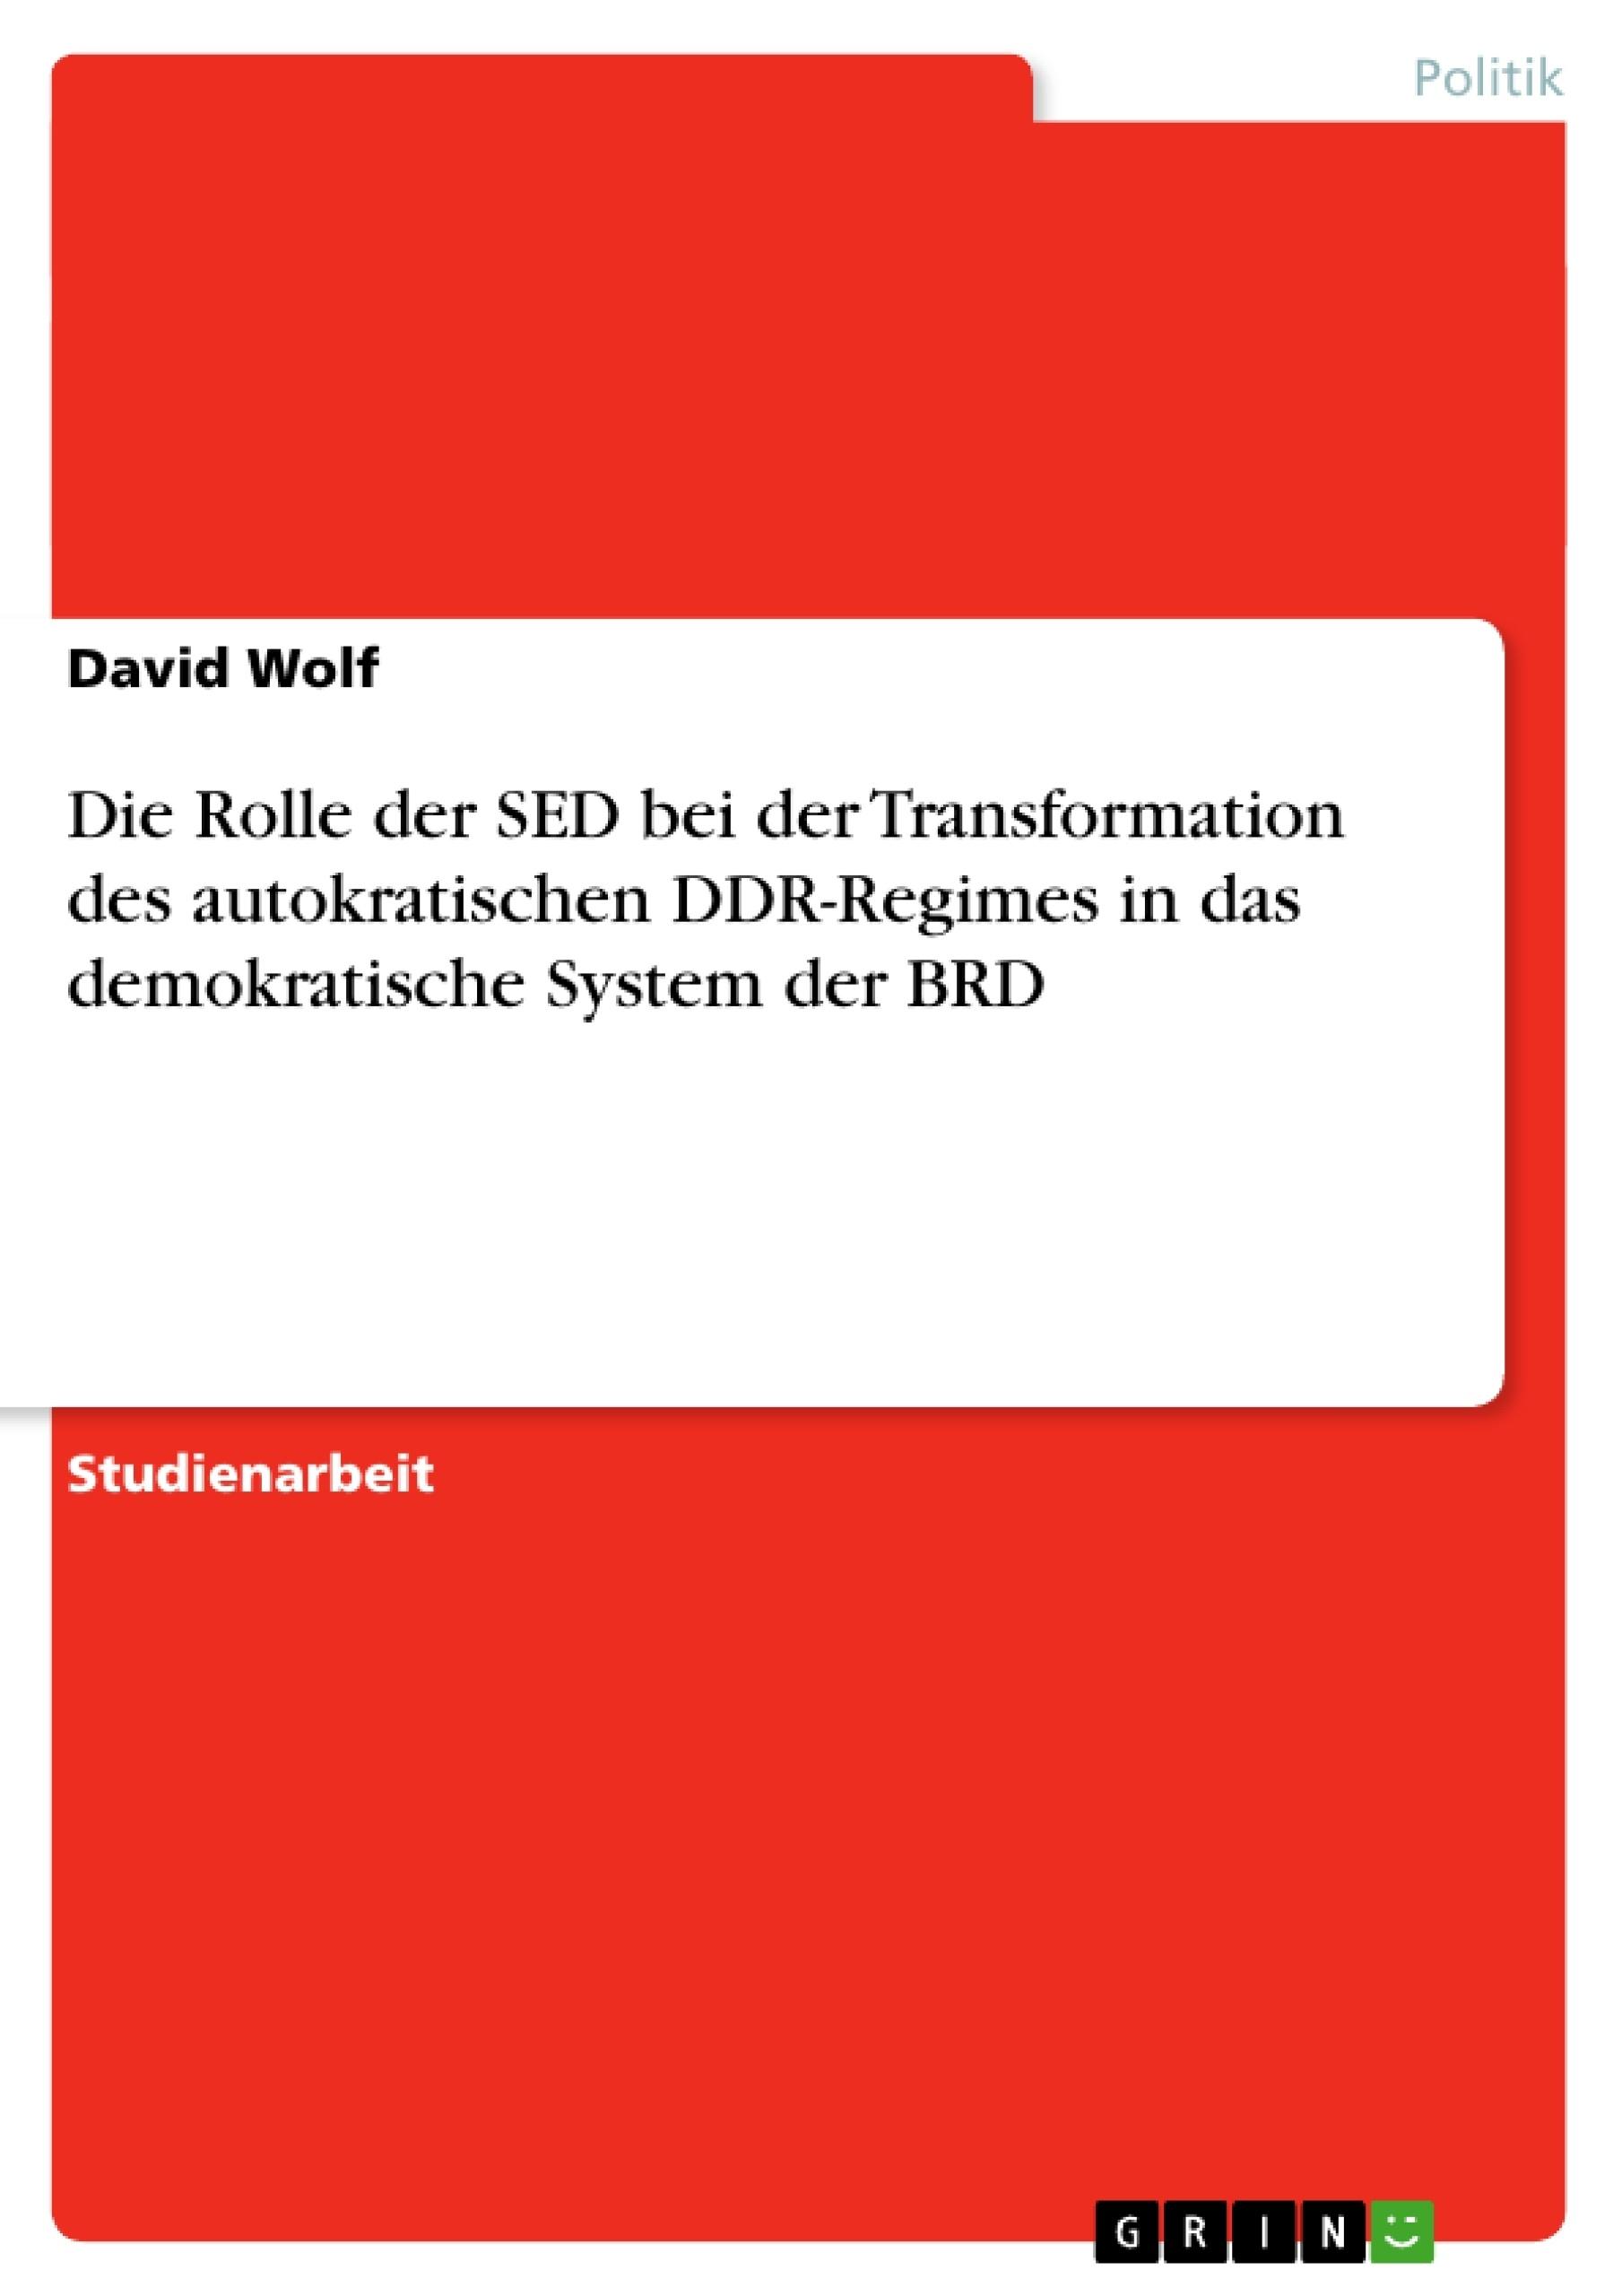 Titel: Die Rolle der SED bei der Transformation des autokratischen DDR-Regimes in das demokratische System der BRD